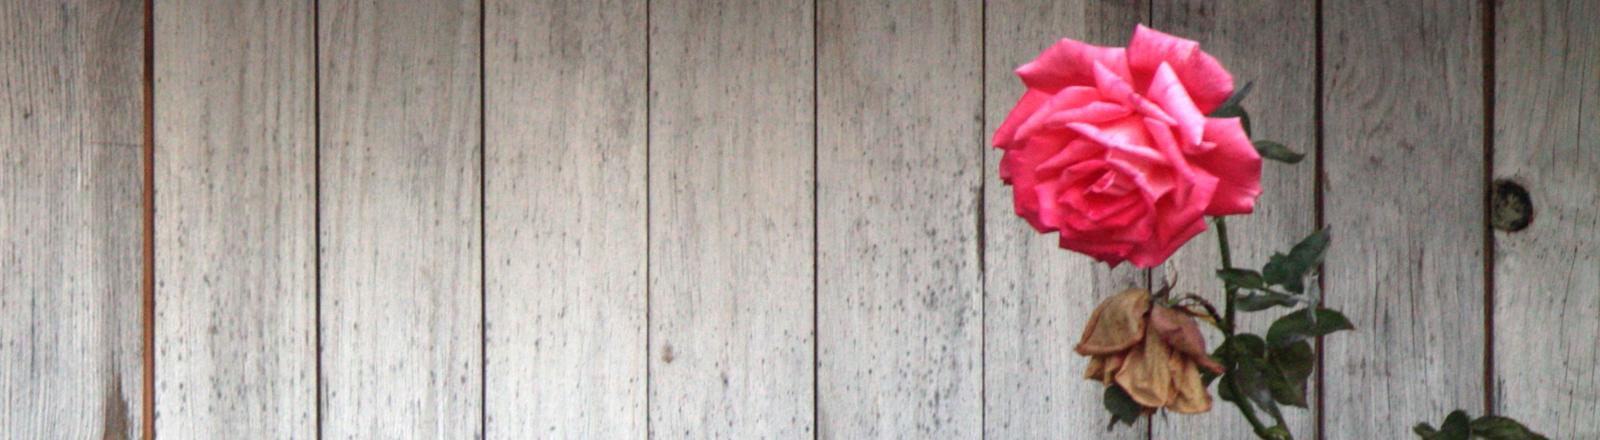 Eine Rose vor einer Bretterwand.